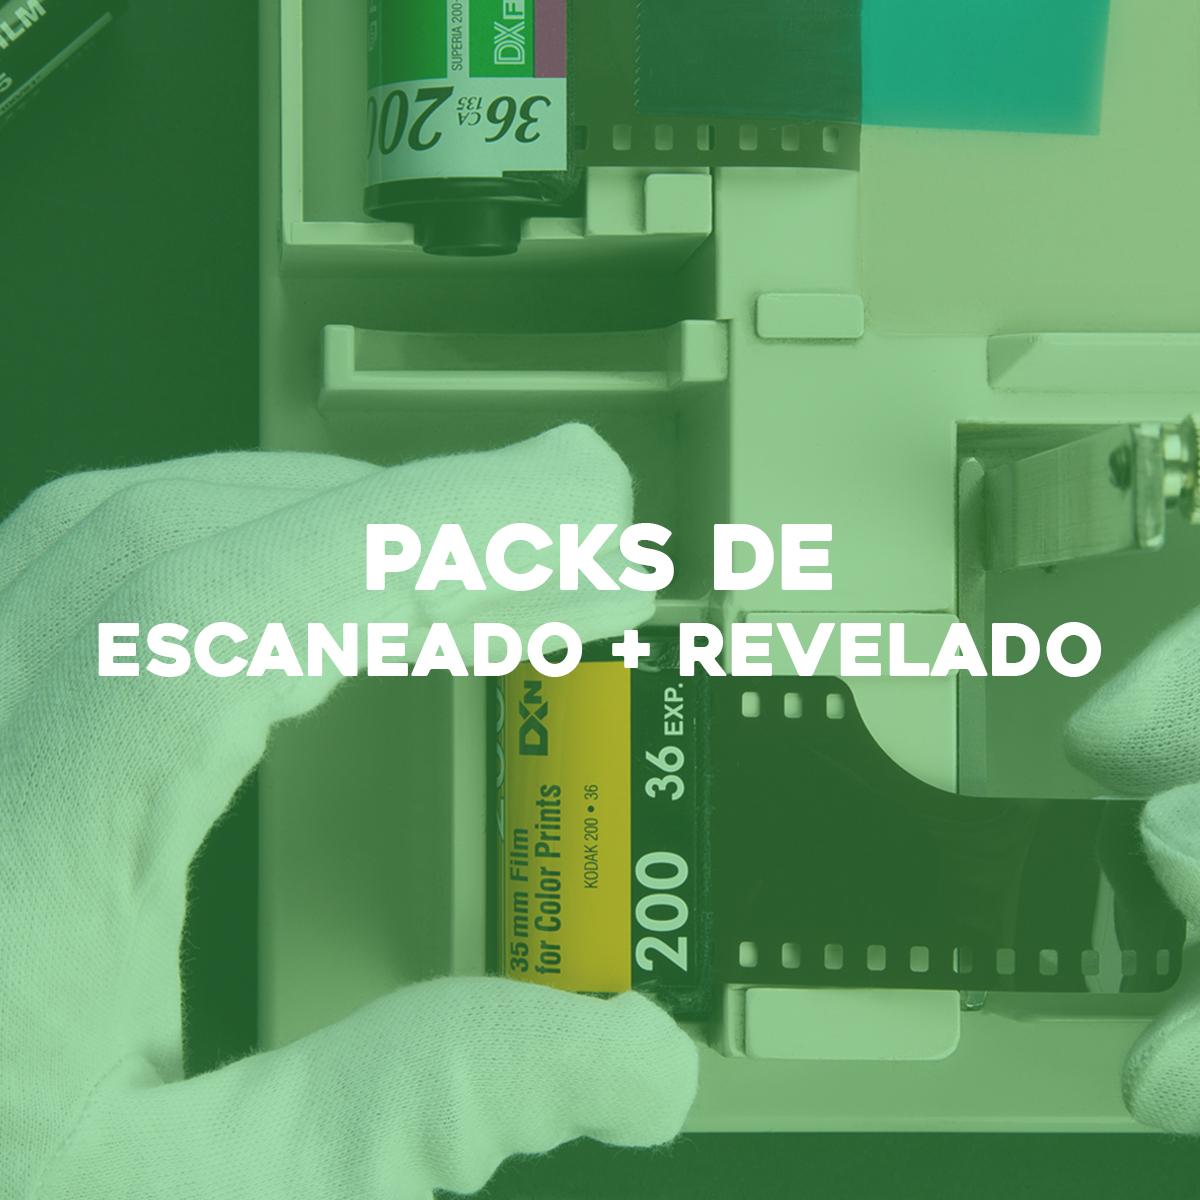 Scanning & developing packs